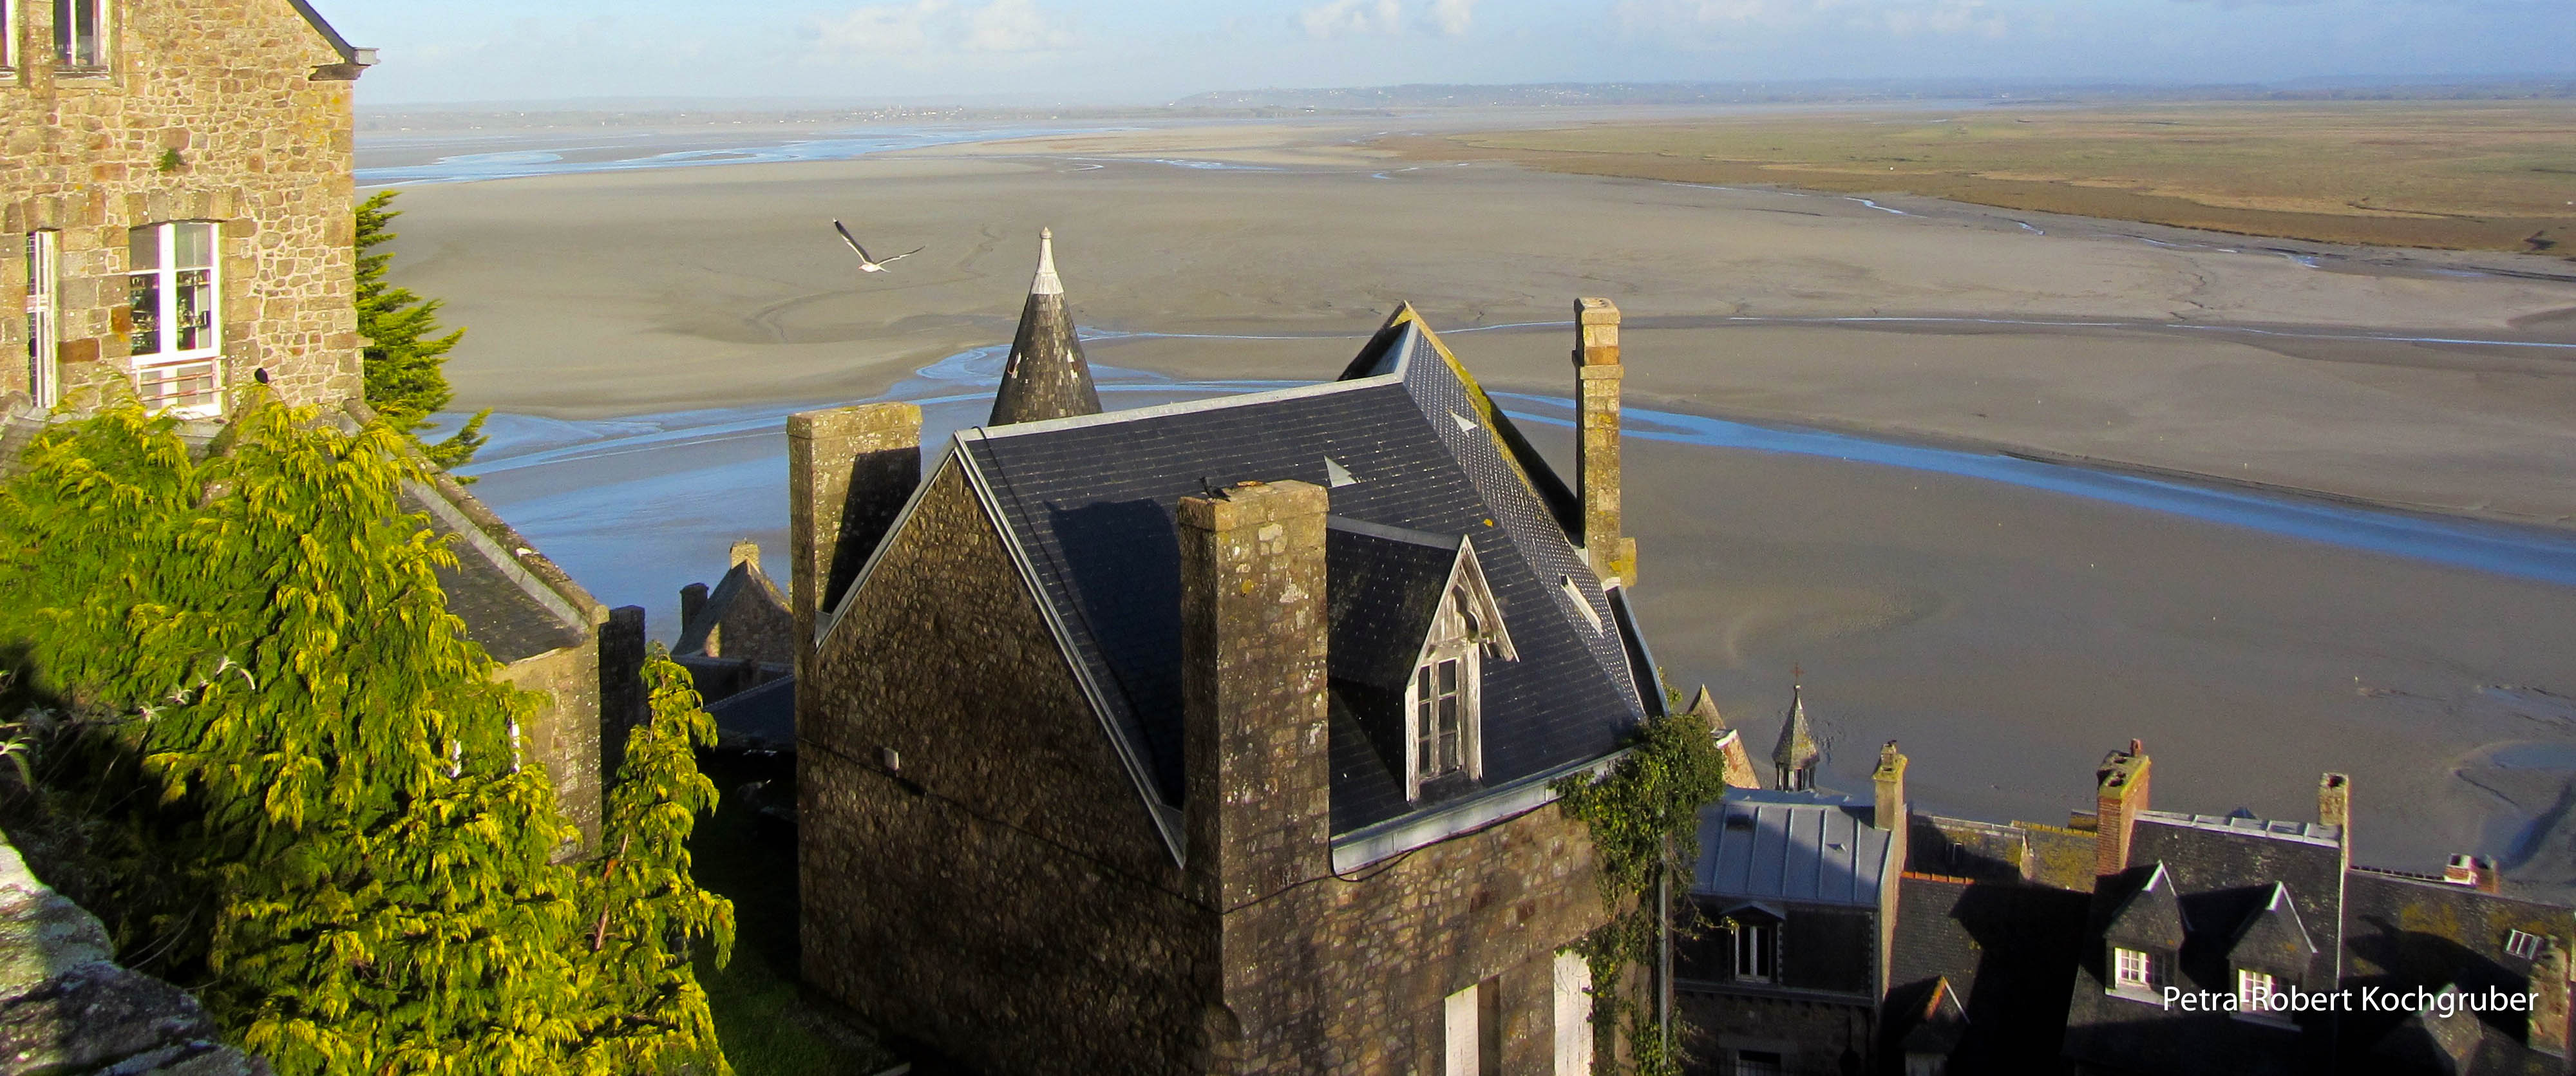 le-mont-saint-michel-ebbe-watt-wohnmobil-in-der-normandie